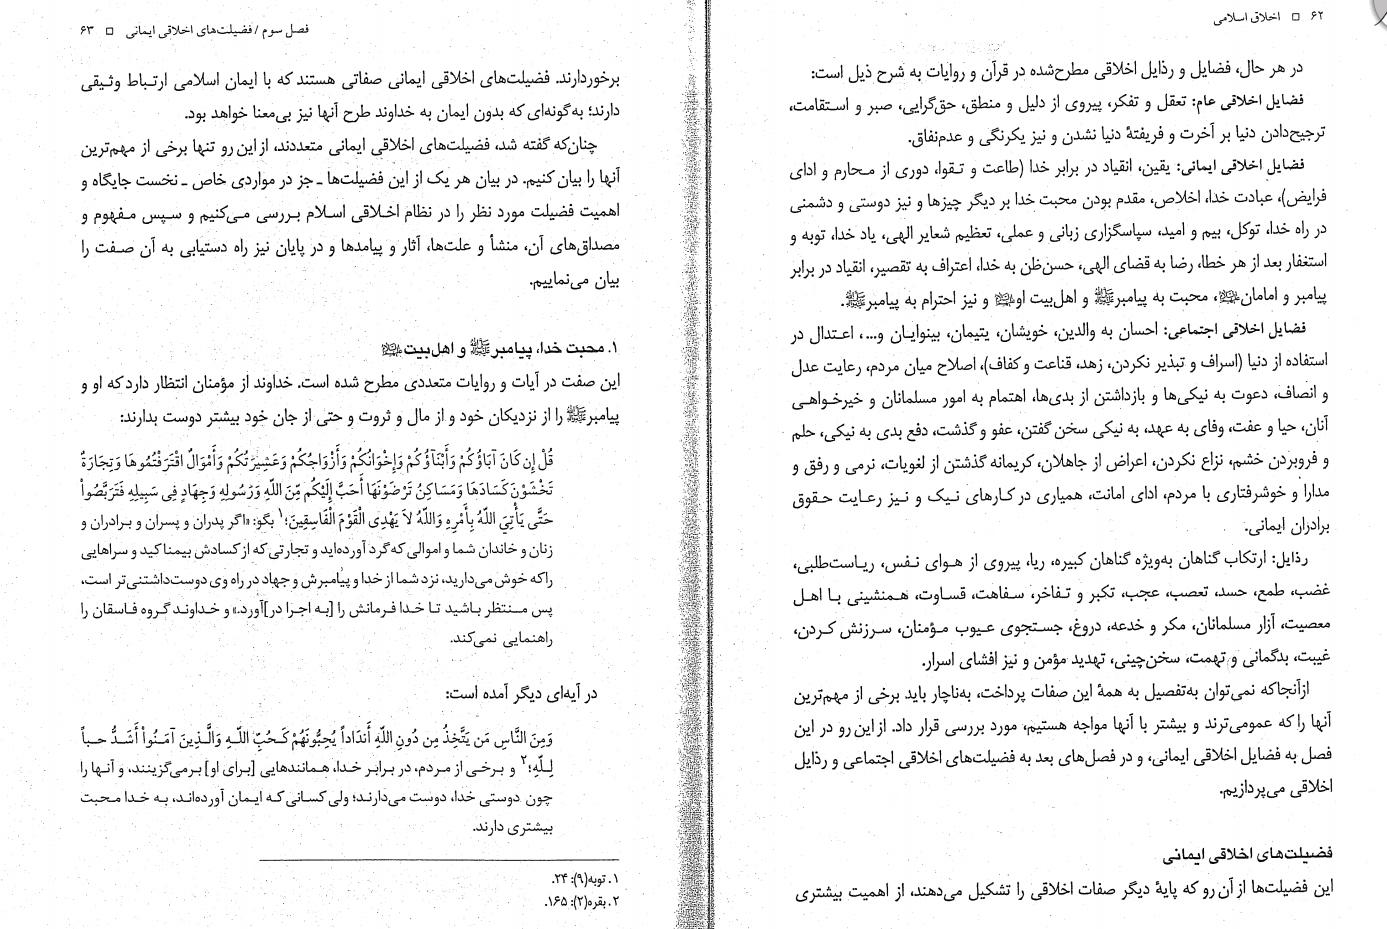 دانلود کتاب اخلاق اسلامی محمد داودی pdf + خلاصه و نمونه سوالات تستی با جواب رایگان داوودی جزوه